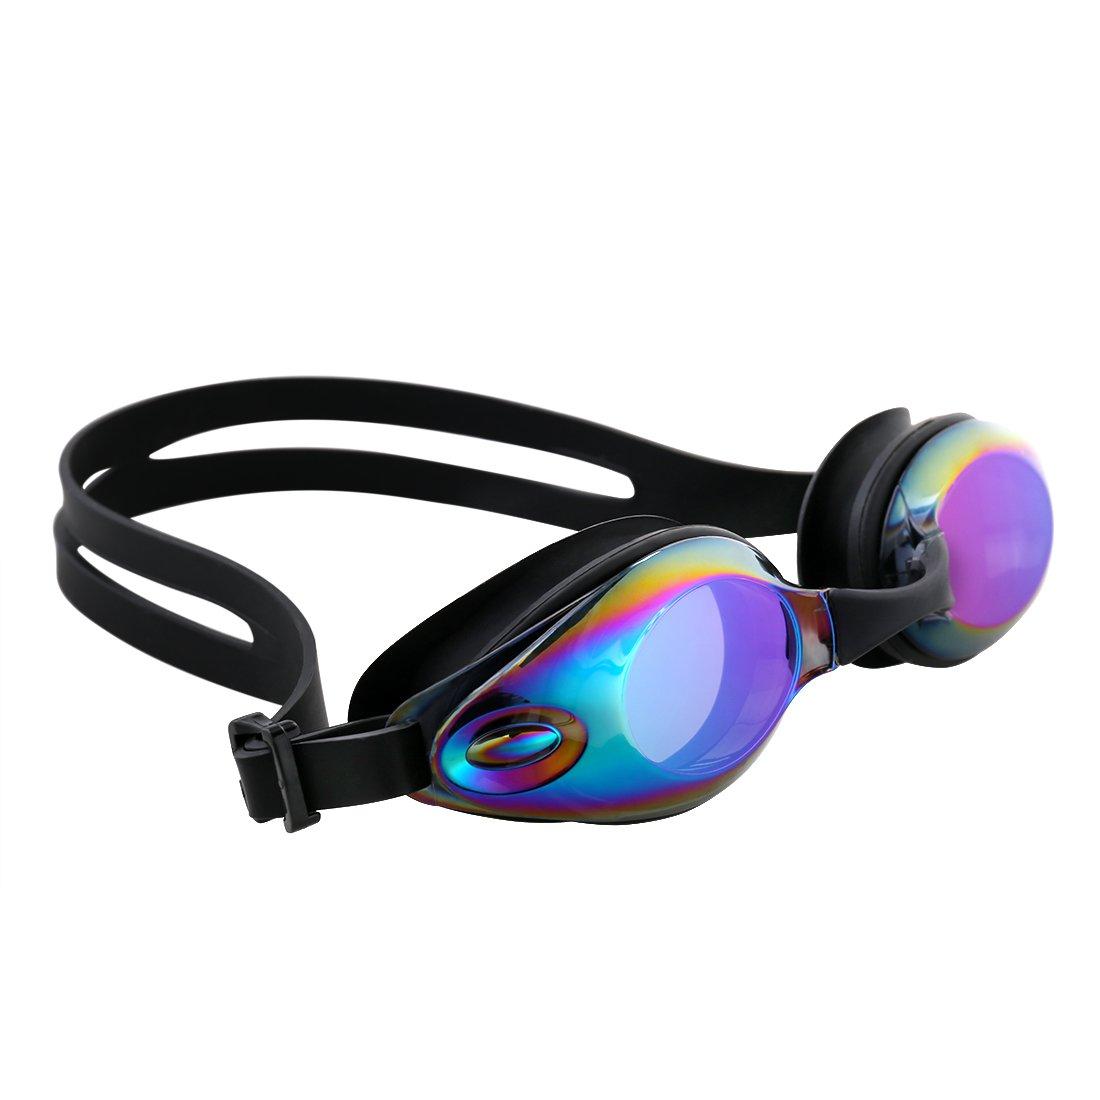 Caiyuangg Occhiali da Nuoto Sportivi con Protezione Anti-appannamento, Protezione UV al 100%, Naselli Intercambiabili, Inclusa Custodia per Adulti, Bambini, Uomini e Donne